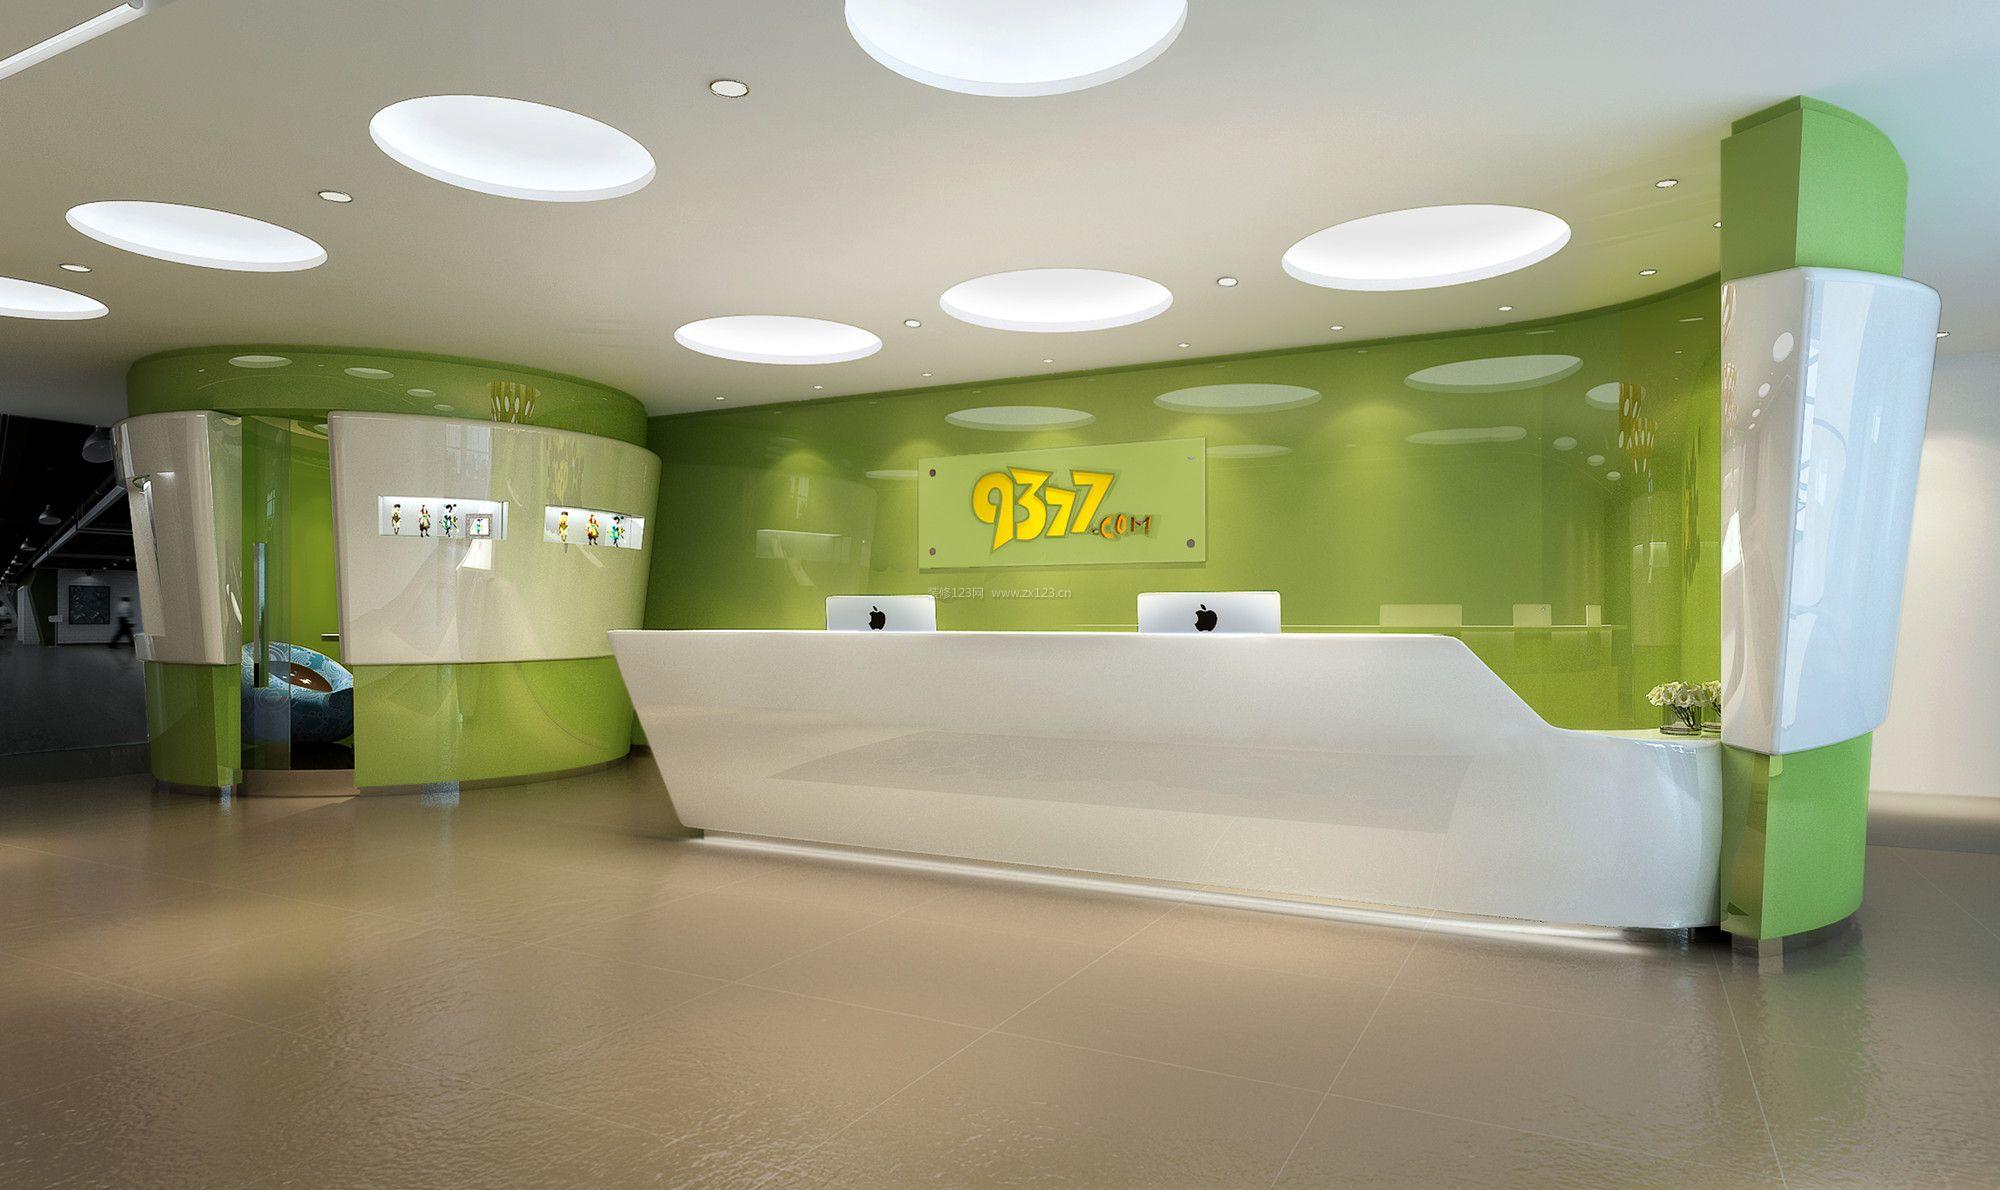 公司前台形象背景墙设计案例